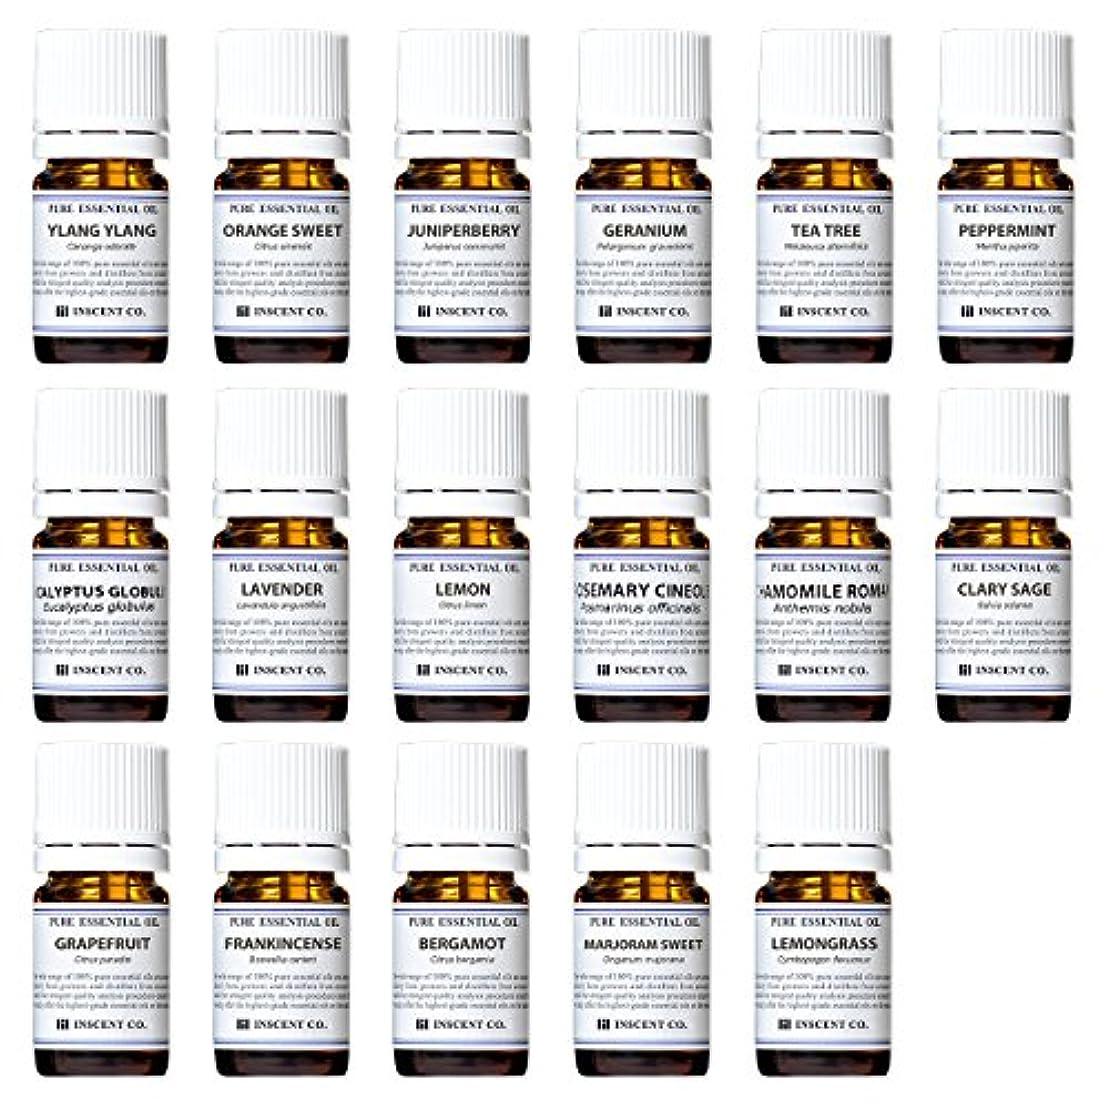 シニス傾斜薬局アロマテラピー検定香りテスト対応17種セット エッセンシャルオイル 精油 AEAJ インセント